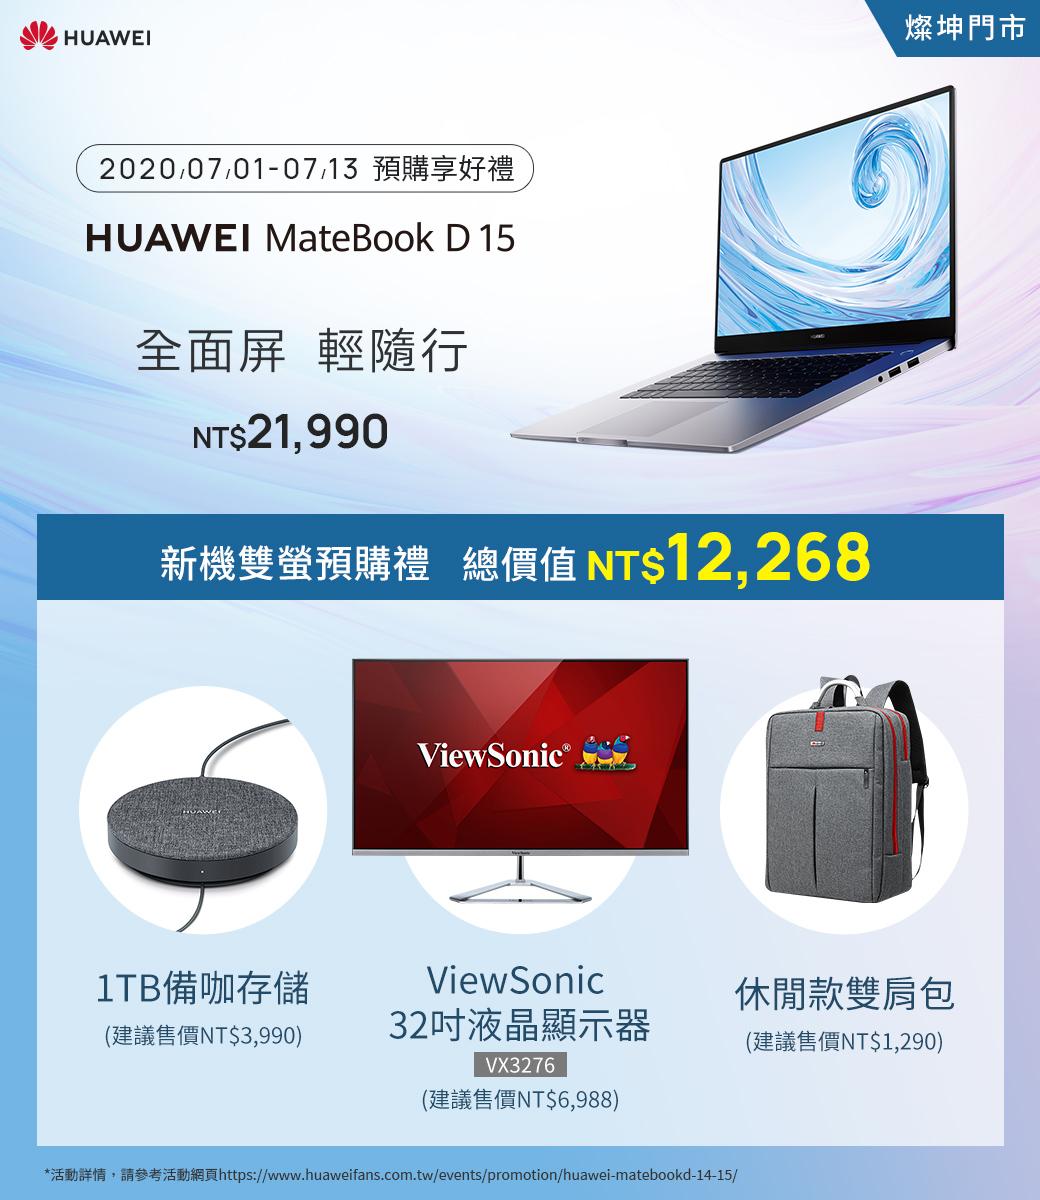 HUAWEI】HUAWEI MateBook D15_燦坤預購優惠